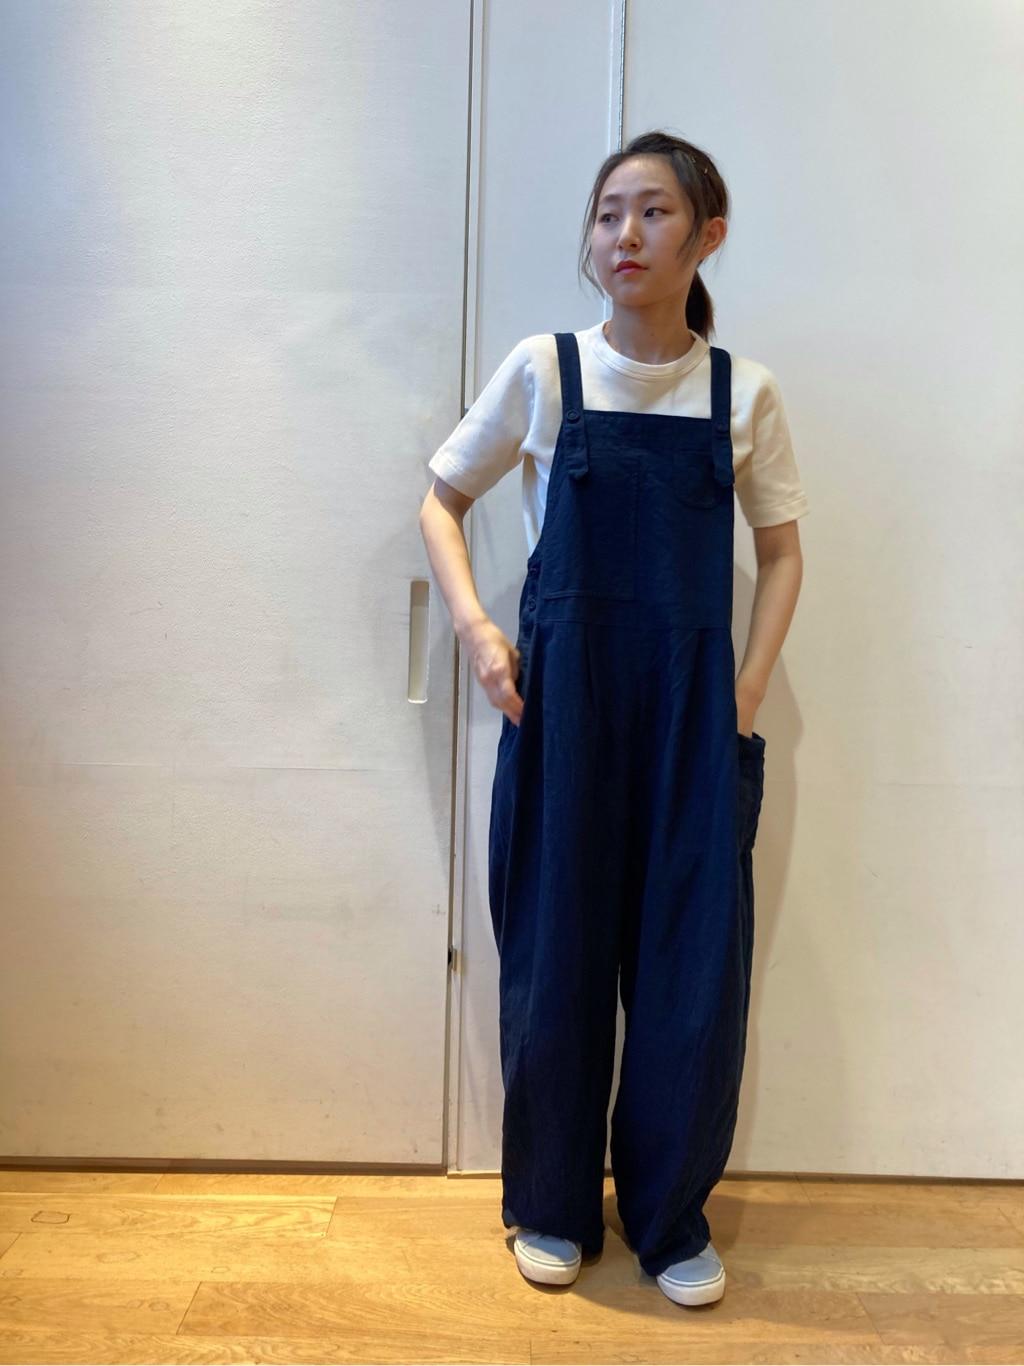 渋谷スクランブルスクエア 2020.06.10